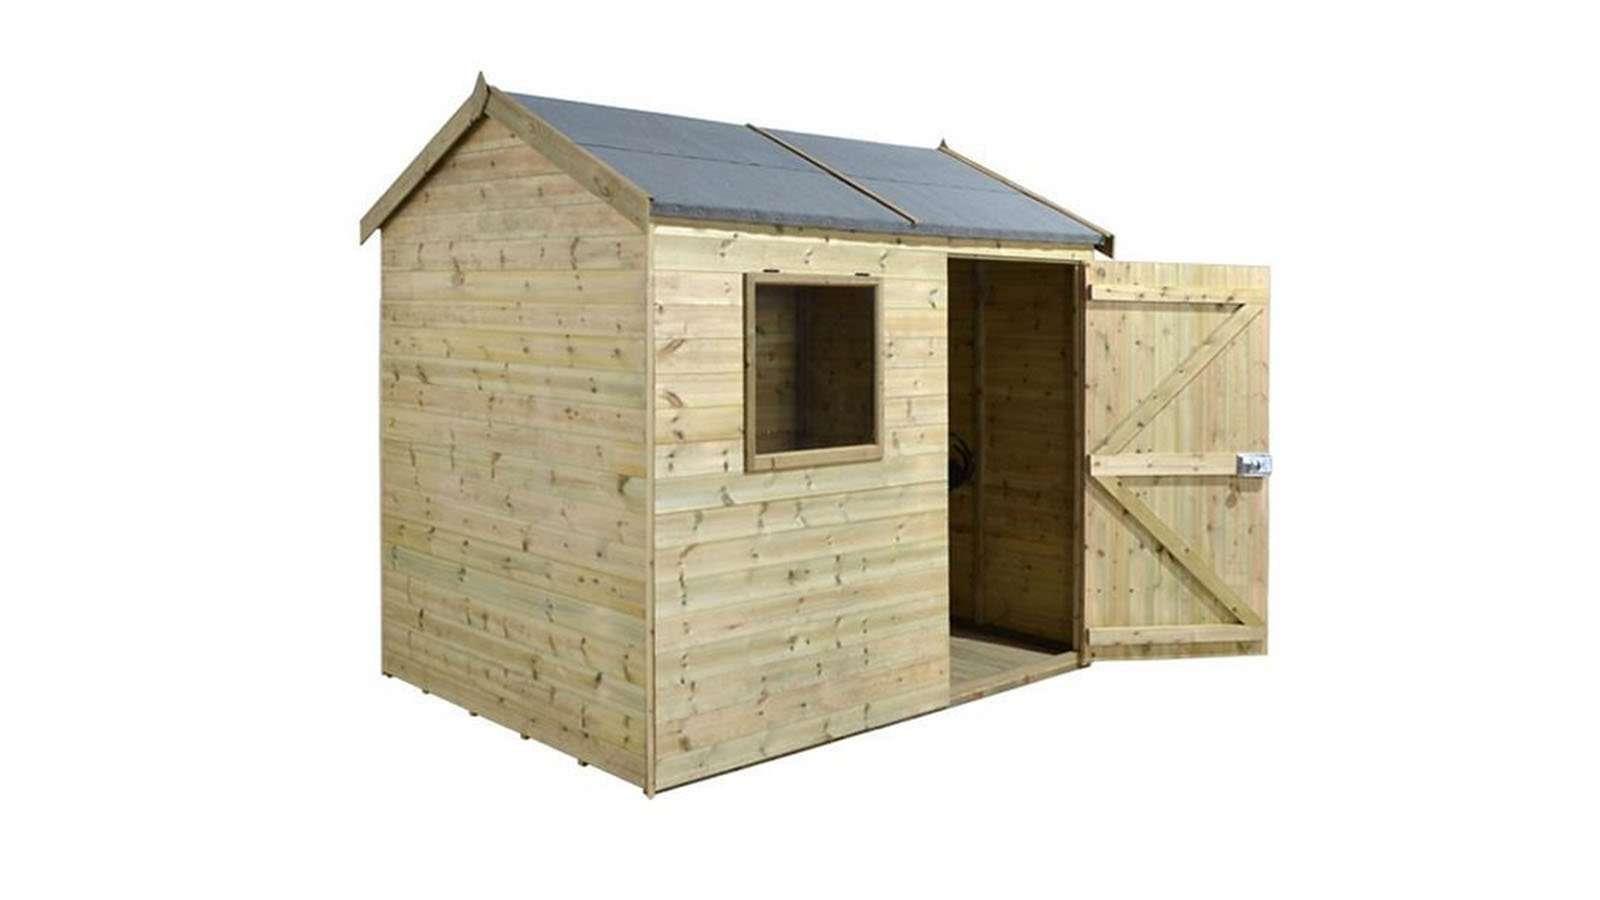 best garden shed 1 8 x 6 242x182m - Garden Sheds 6 X 2